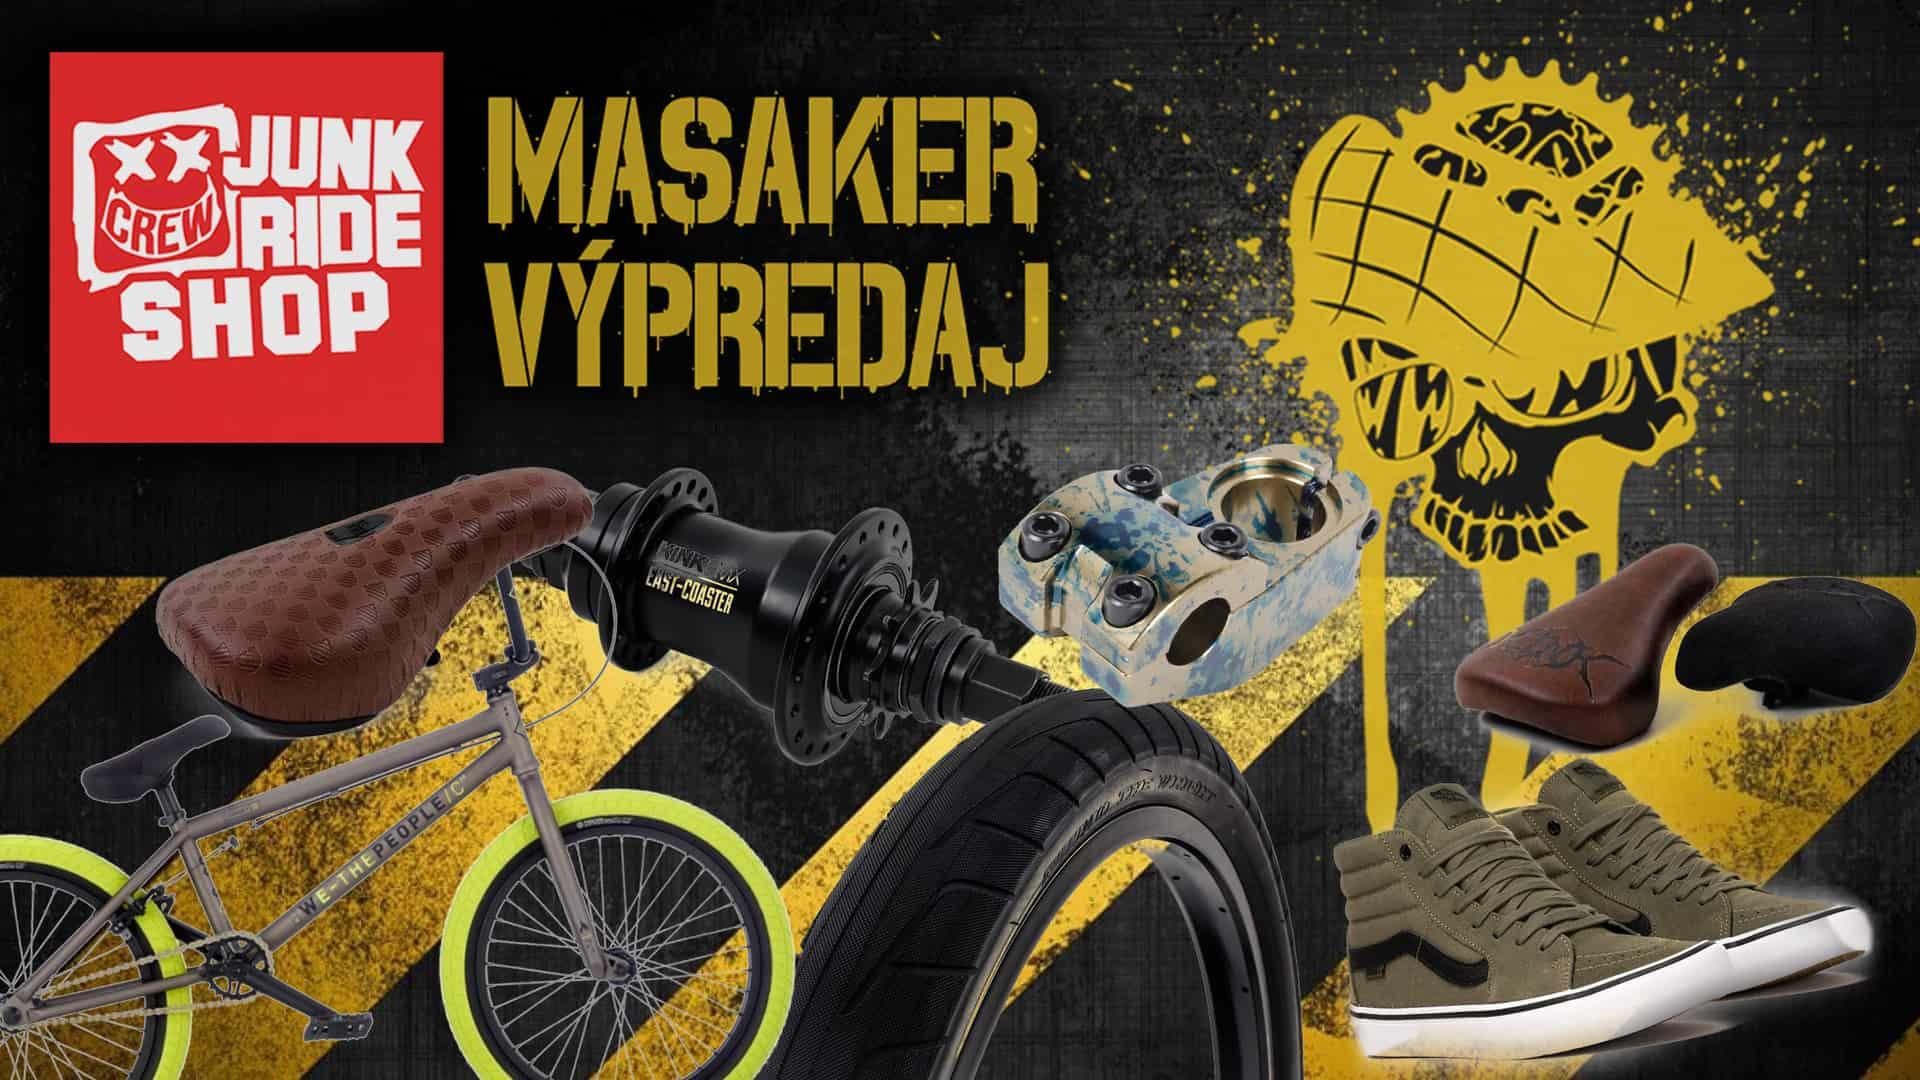 MASAKER2017